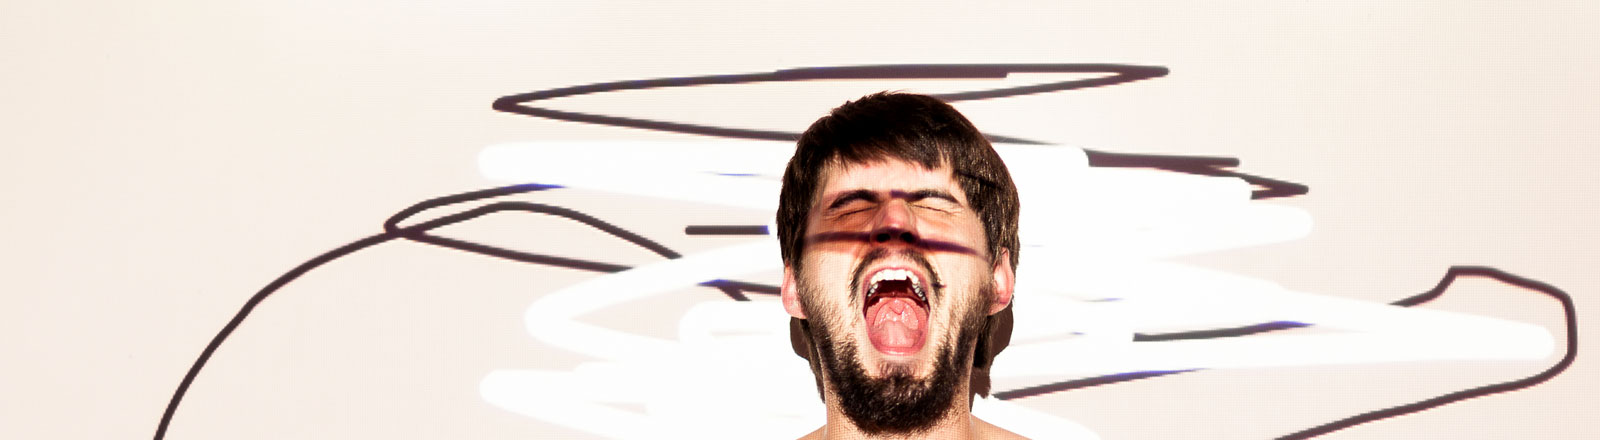 Halbnackter Mann schreit vor farbigen Hintergrund